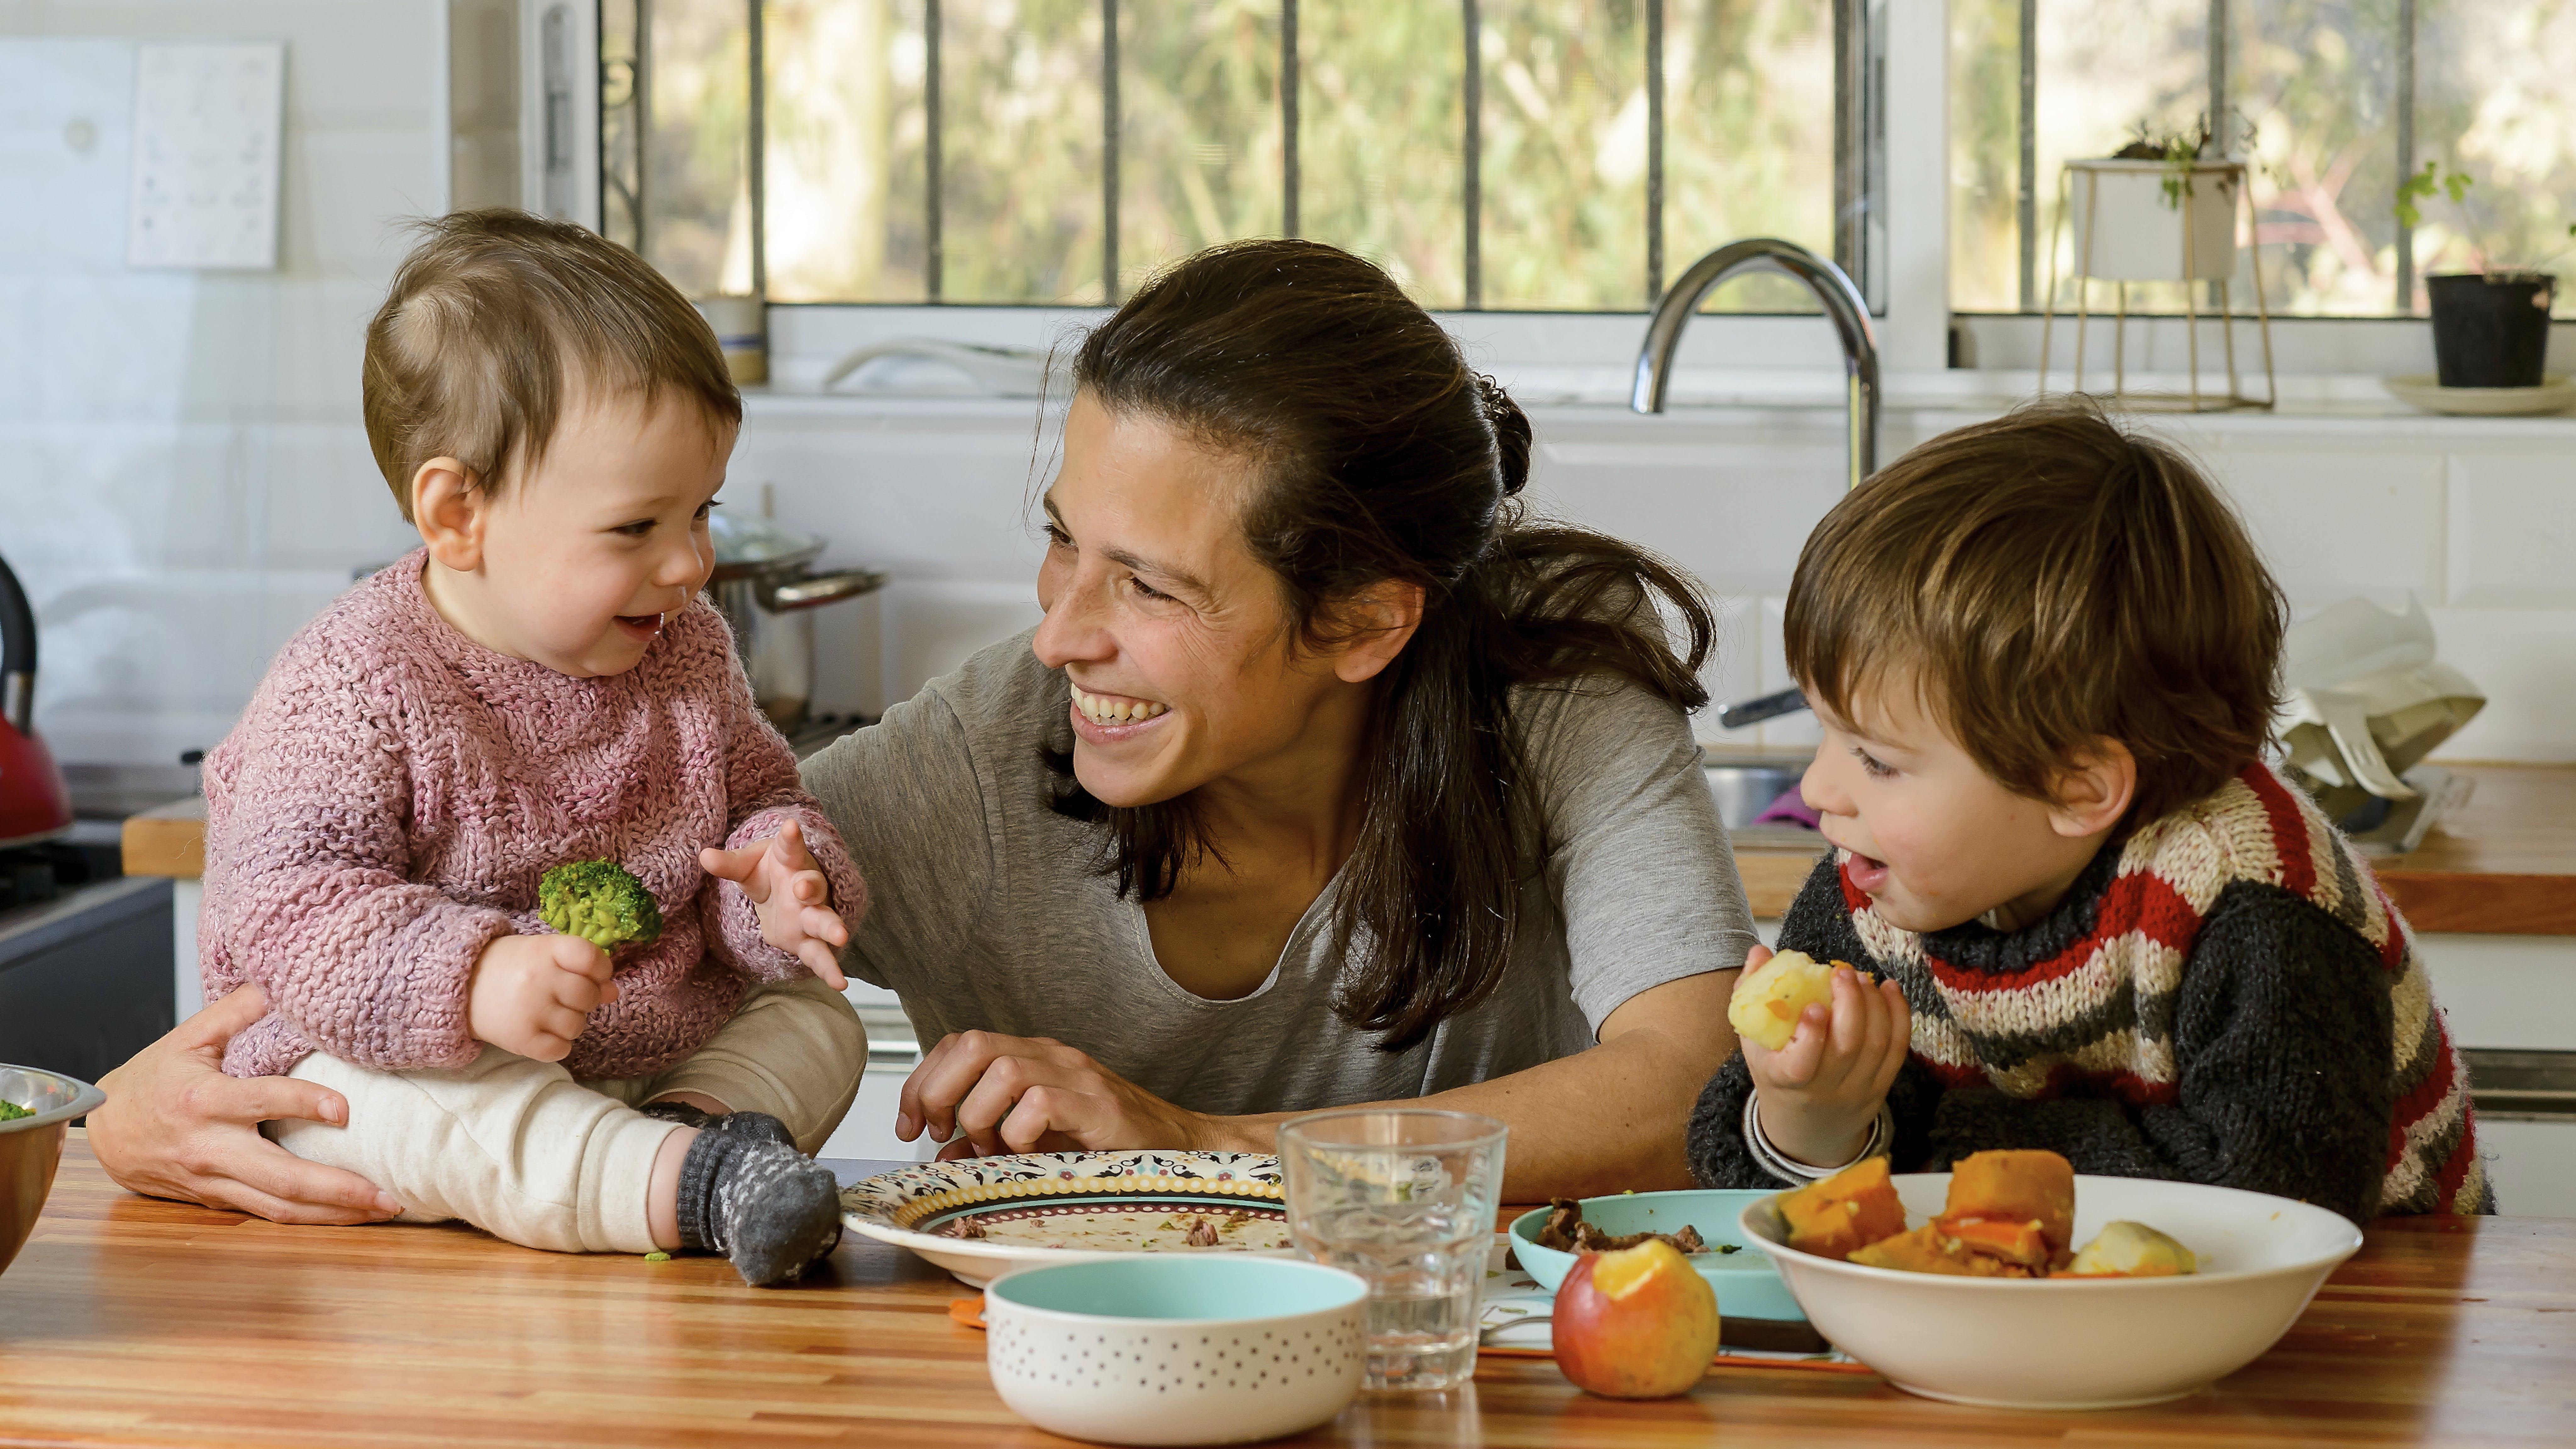 Uruguay - Joaquín, 2 anni, e Clara, 8 mesi, pranzano nella loro casa con la mamma Rosina